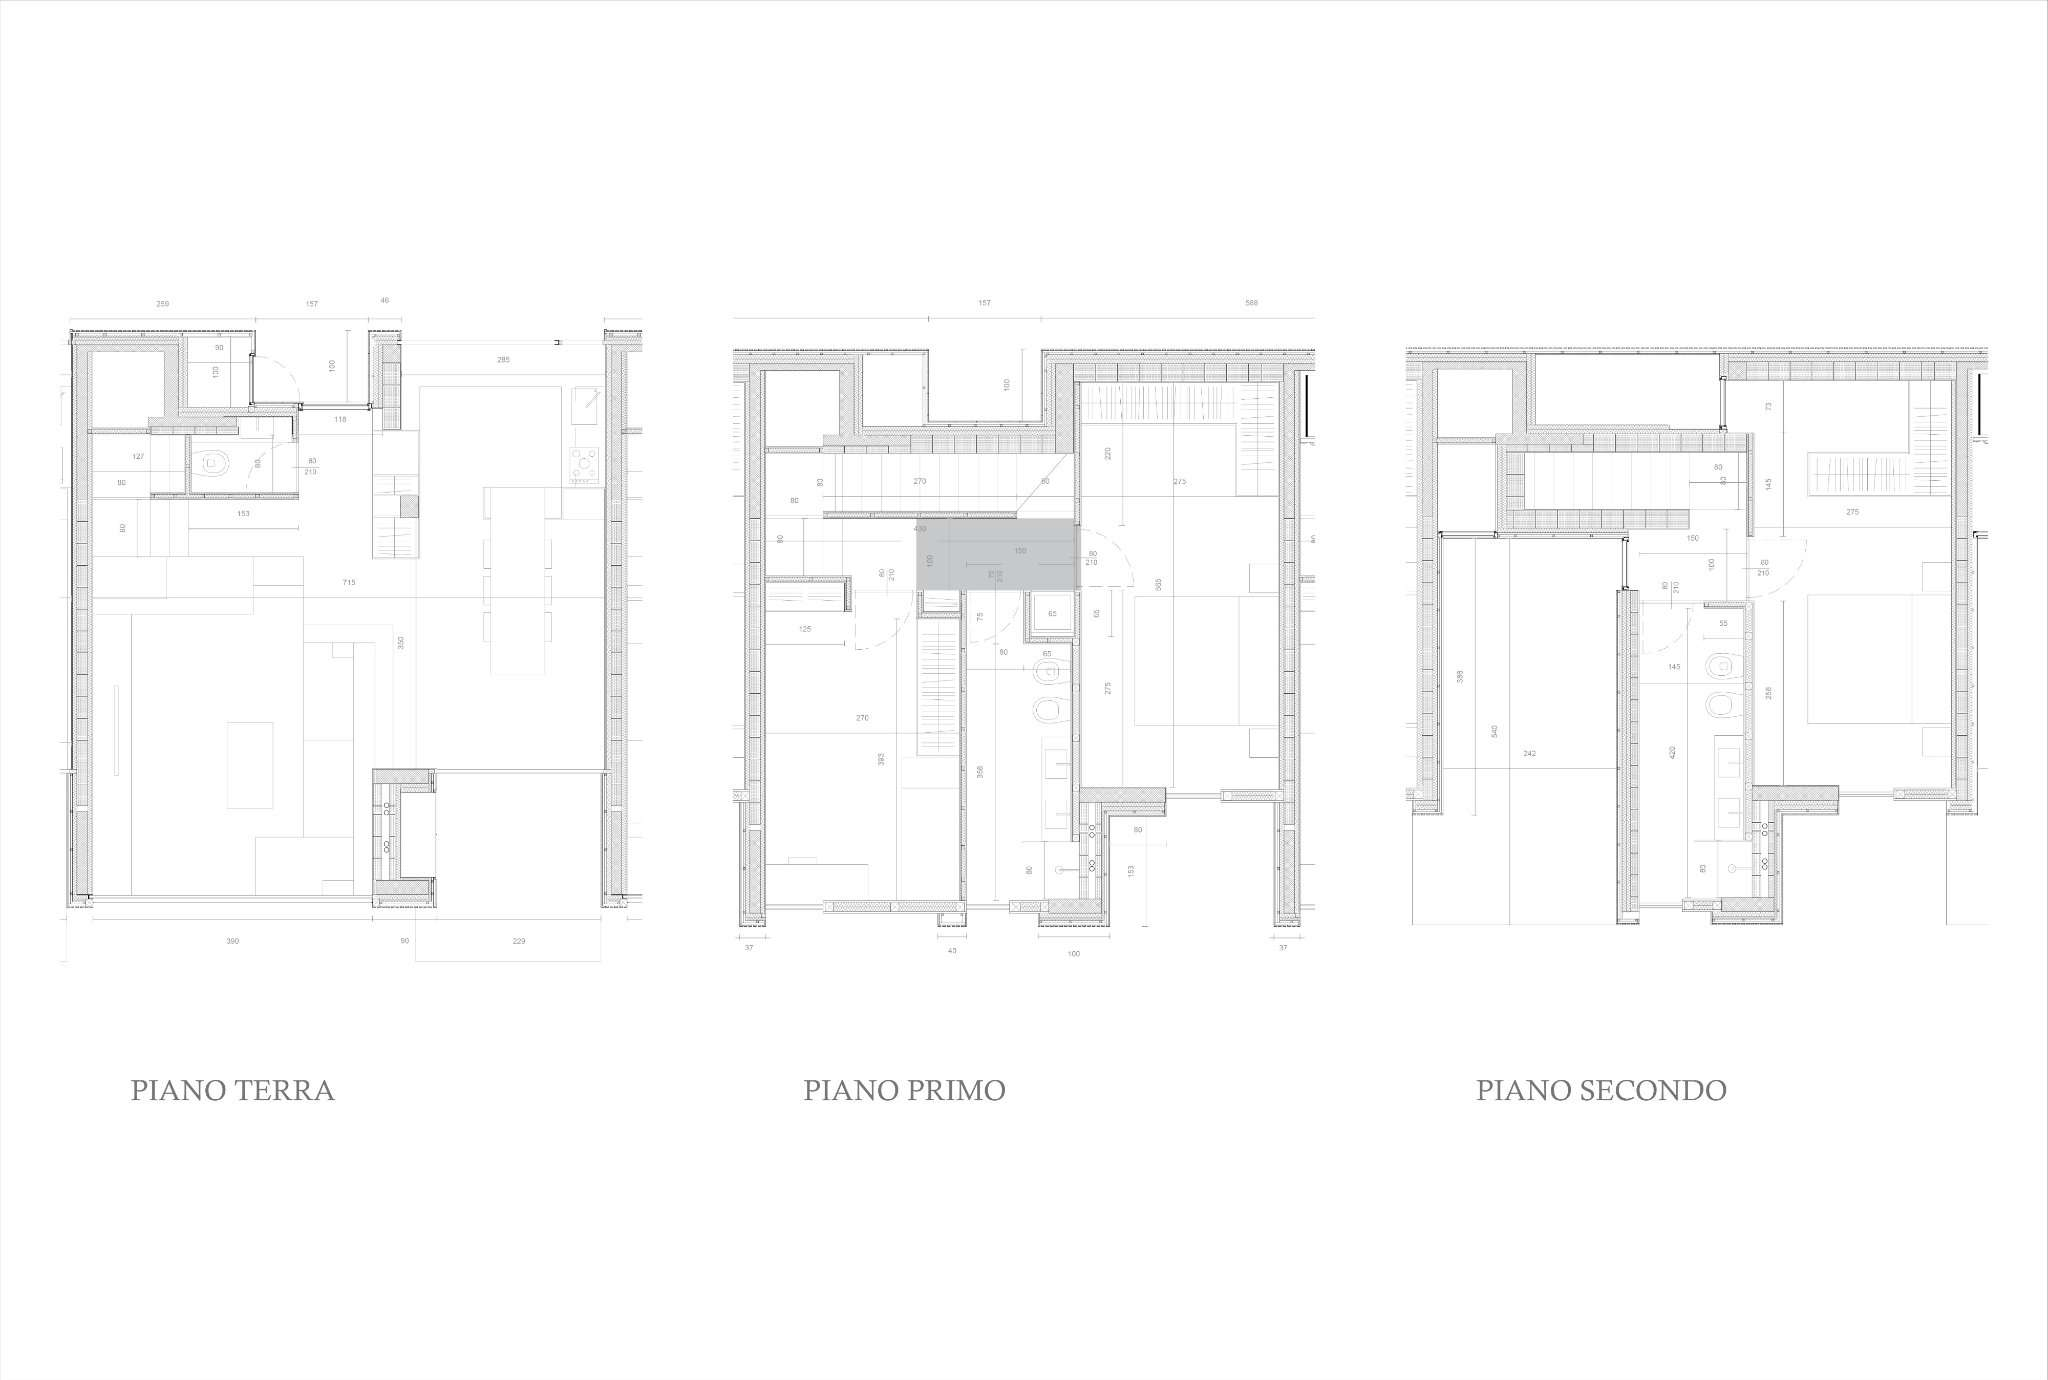 Planimetria appartamentoVia Trasimeno 20128